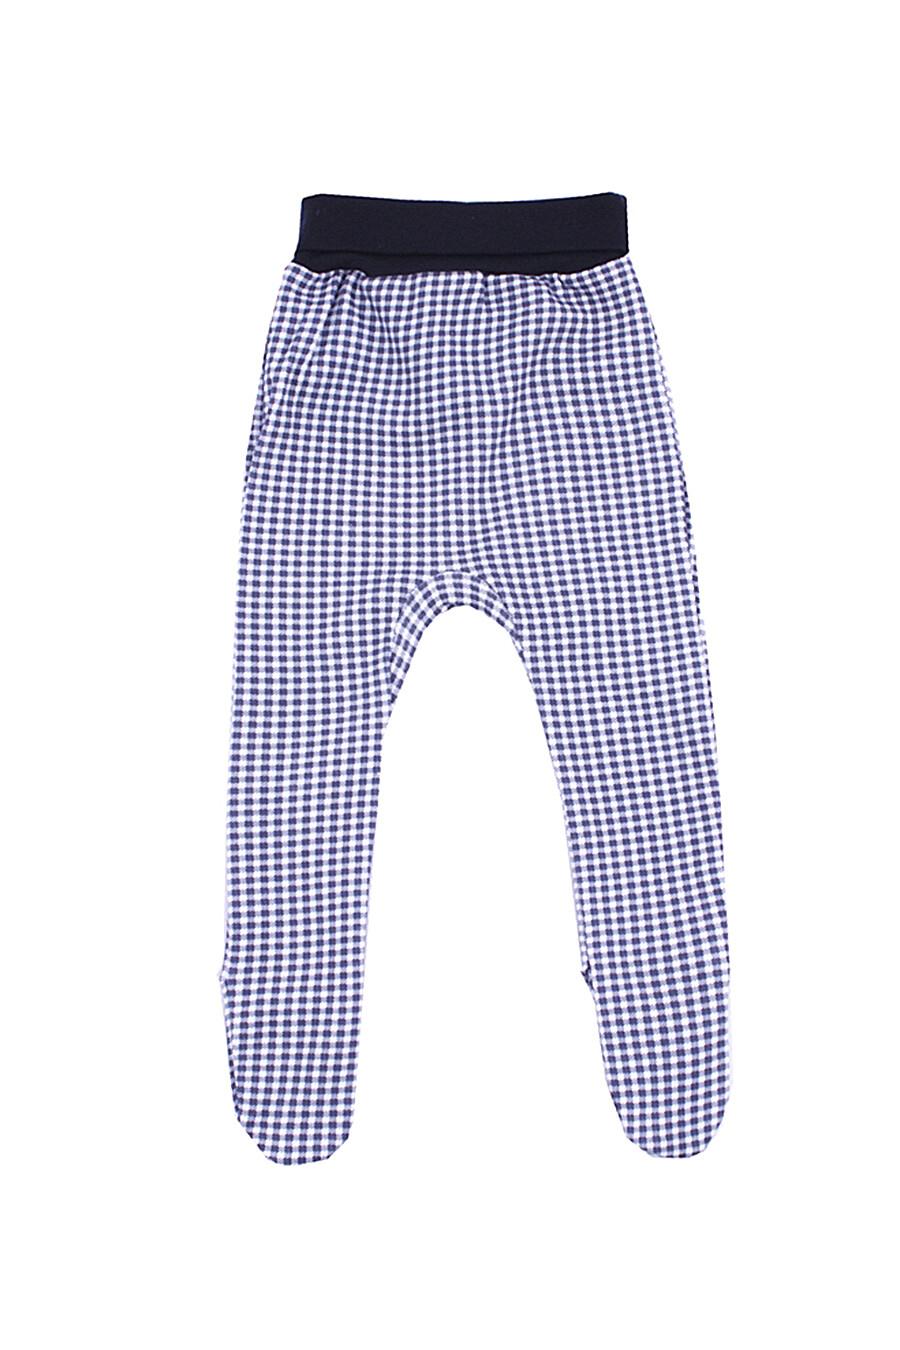 Ползунки для мальчиков АПРЕЛЬ 699925 купить оптом от производителя. Совместная покупка детской одежды в OptMoyo